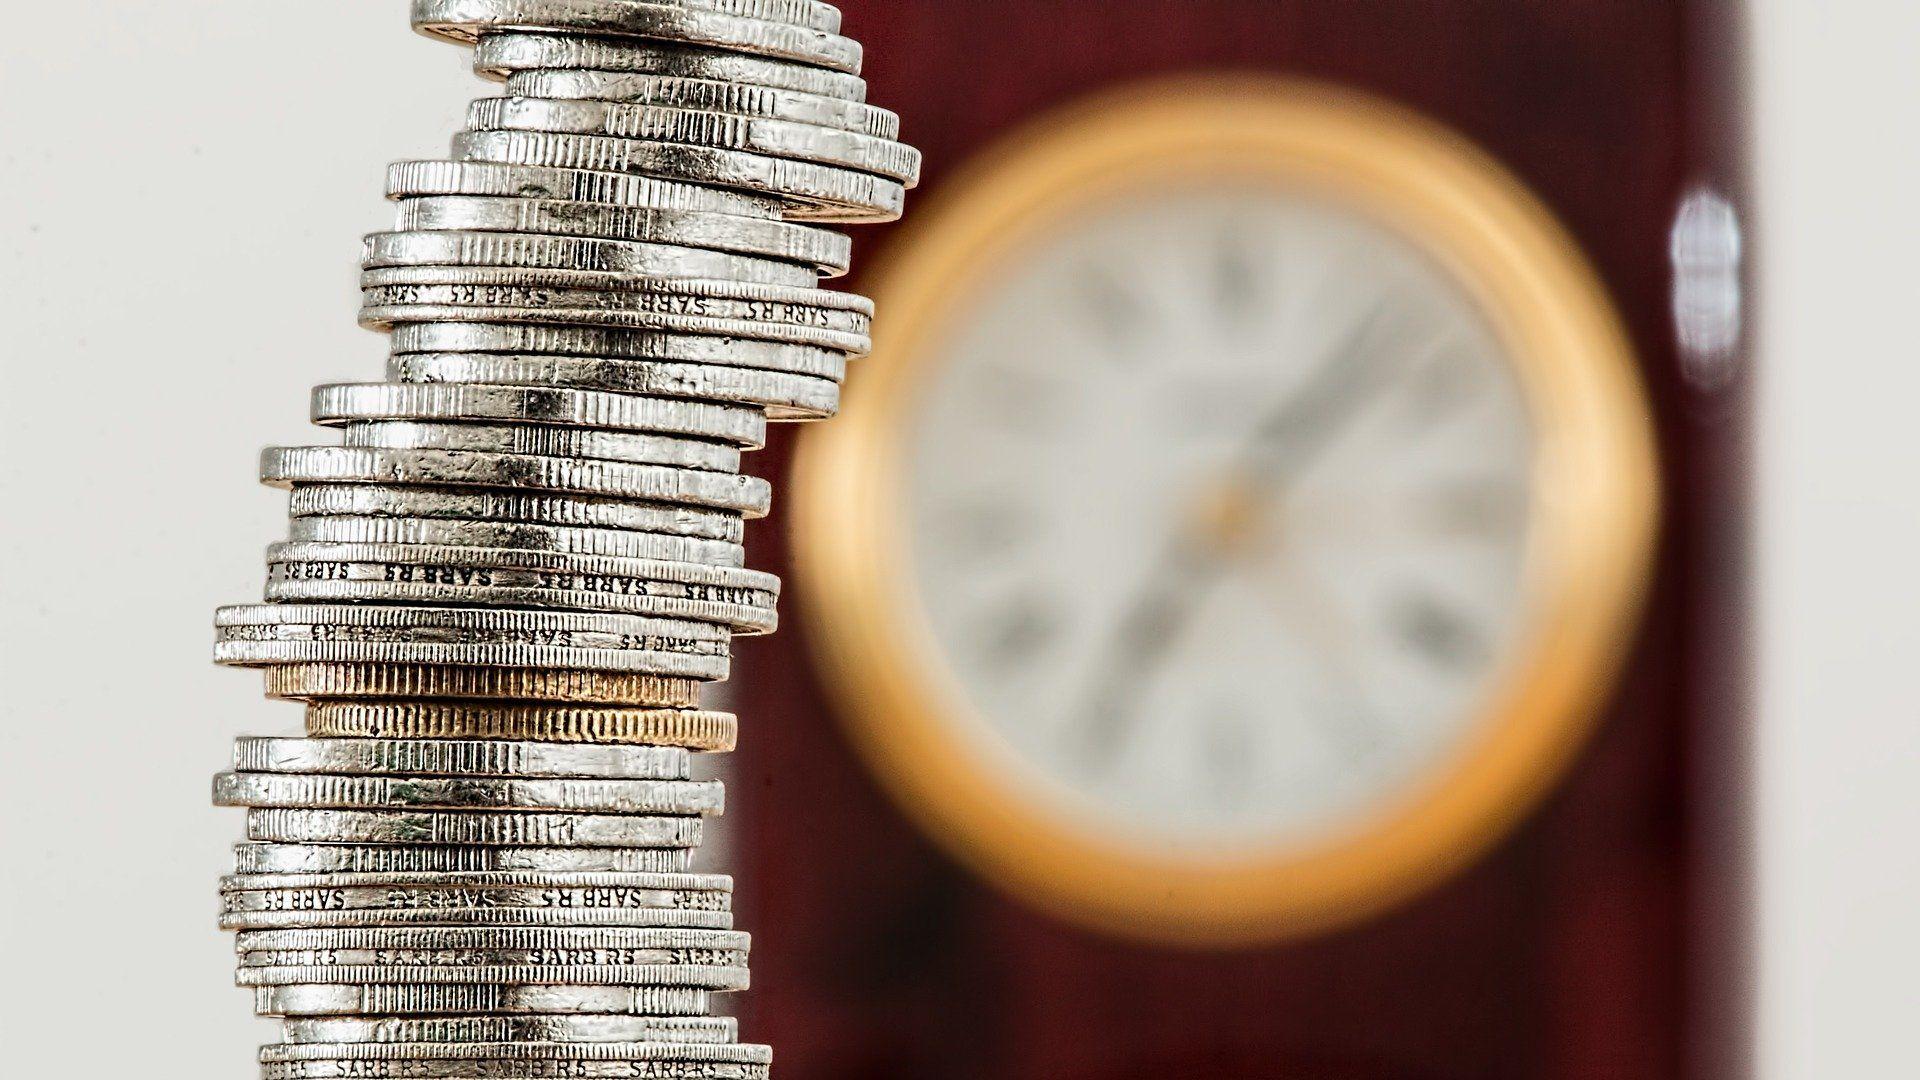 Monedas (imagen referencial) - Sputnik Mundo, 1920, 13.10.2021